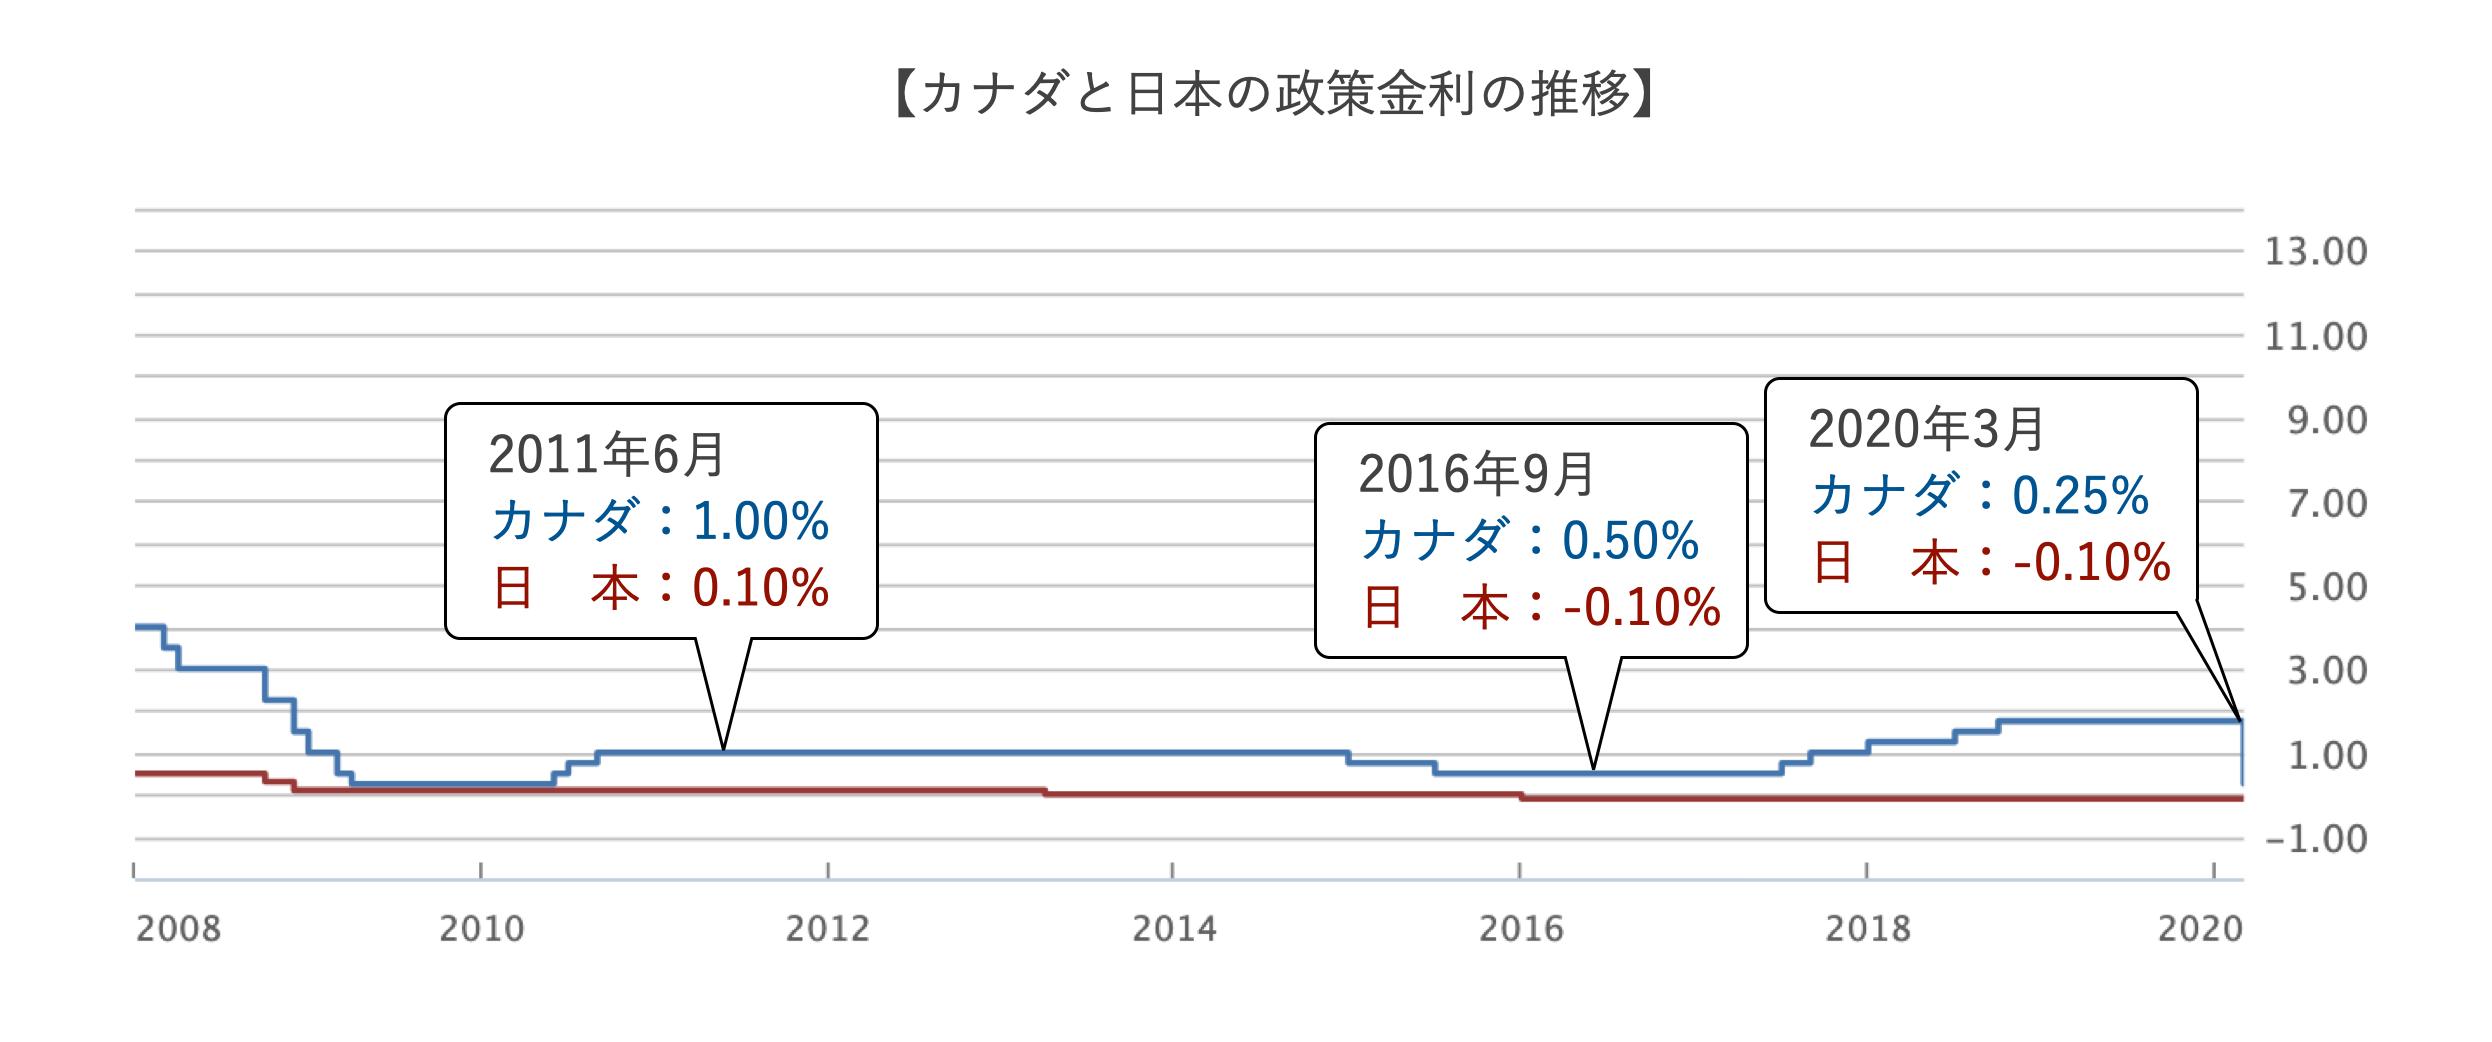 カナダと日本の政策金利